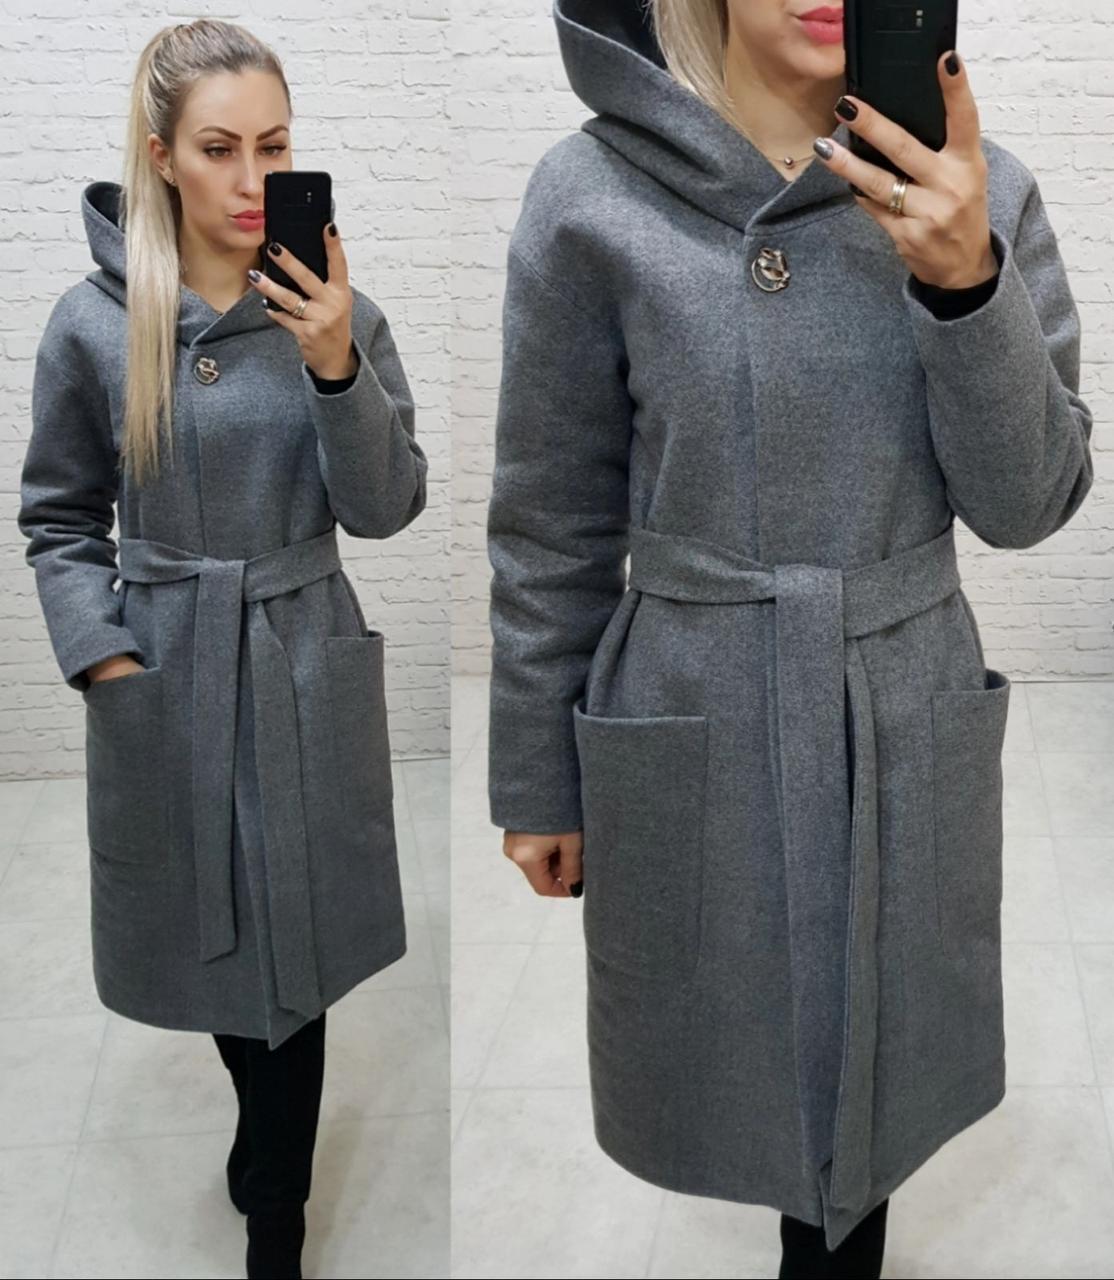 Теплое пальто с капюшоном, кашемировое, ЕВРО-ЗИМА, цвет меланж, арт 176